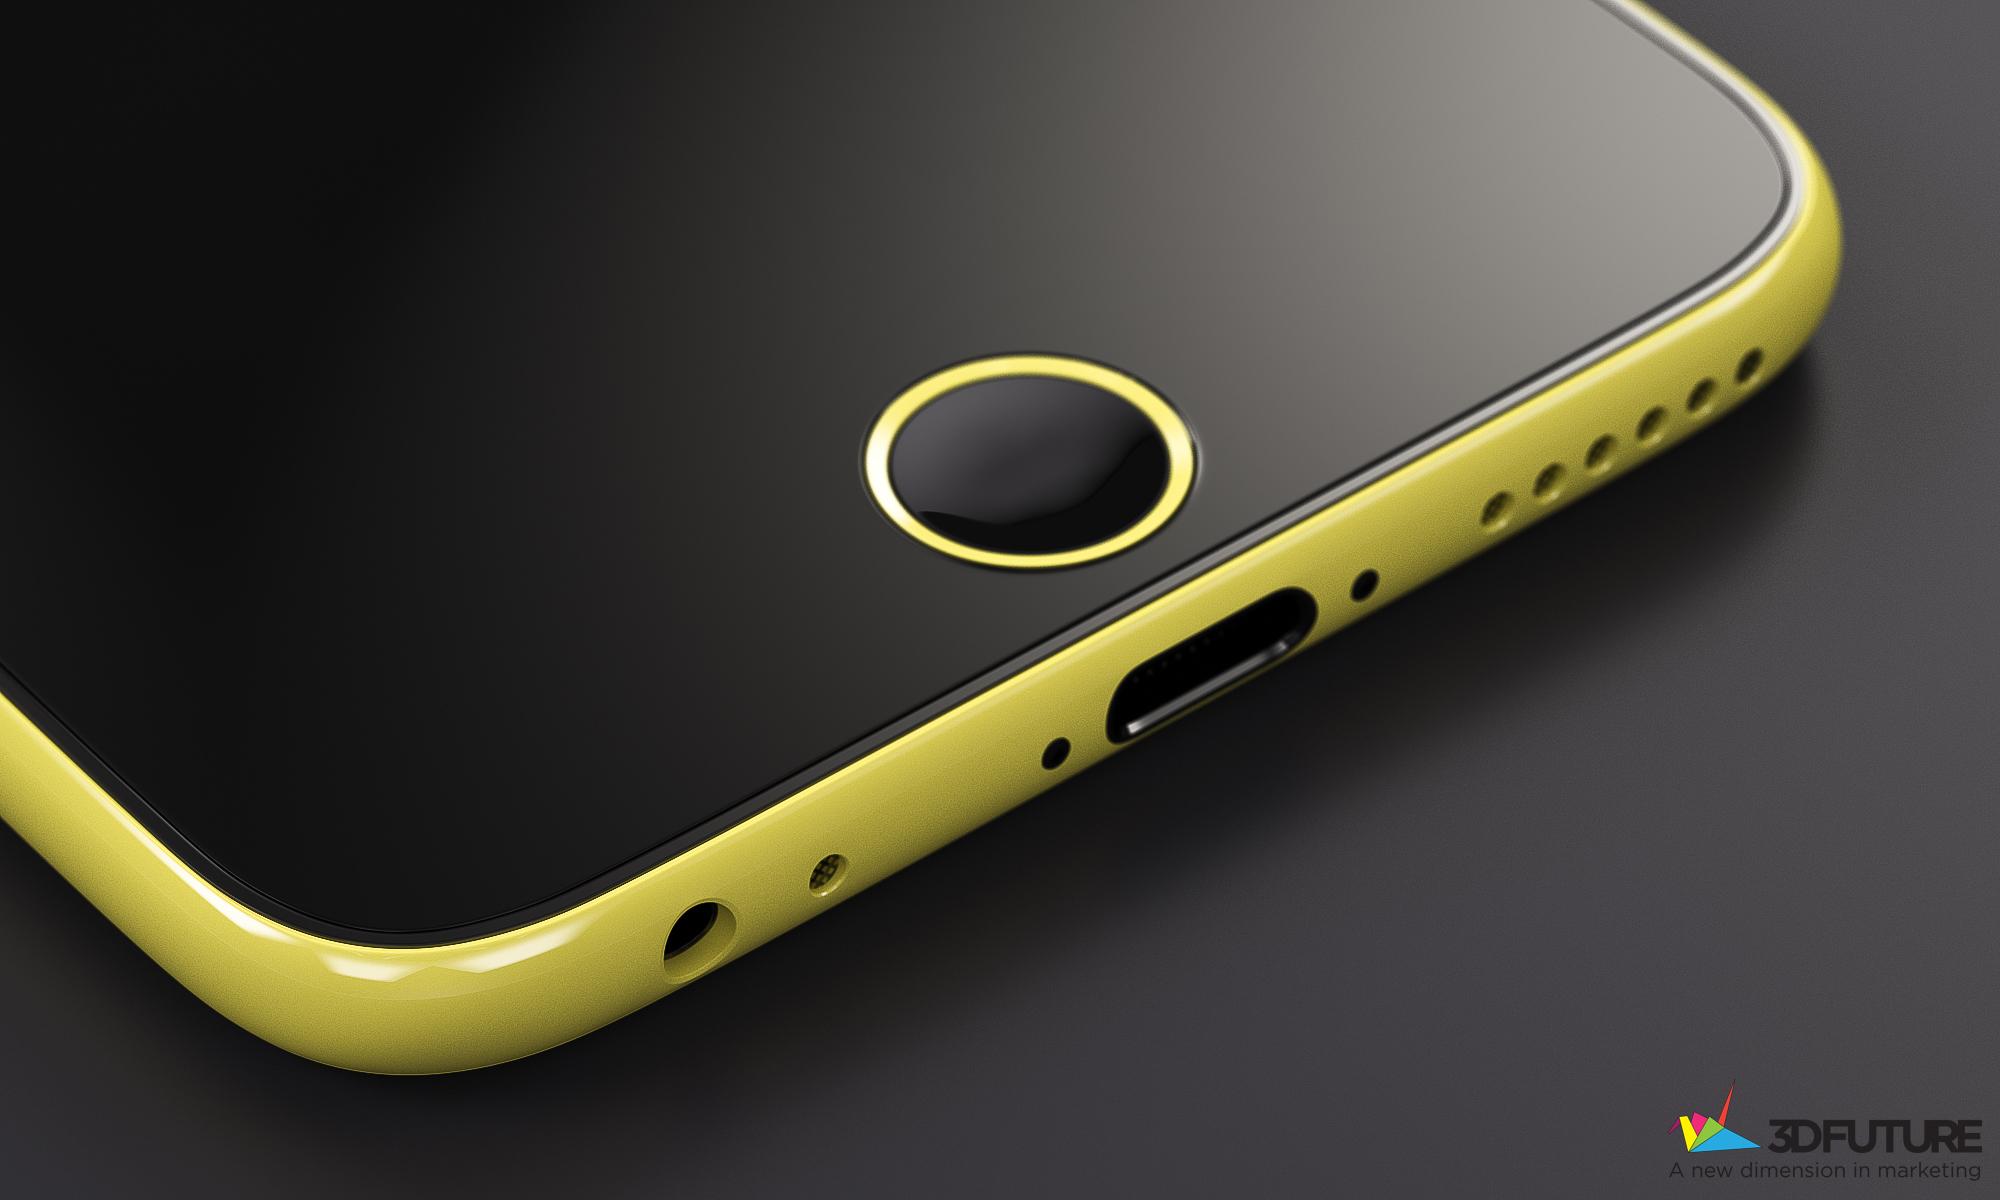 iPhone-6c-concept-renders-4